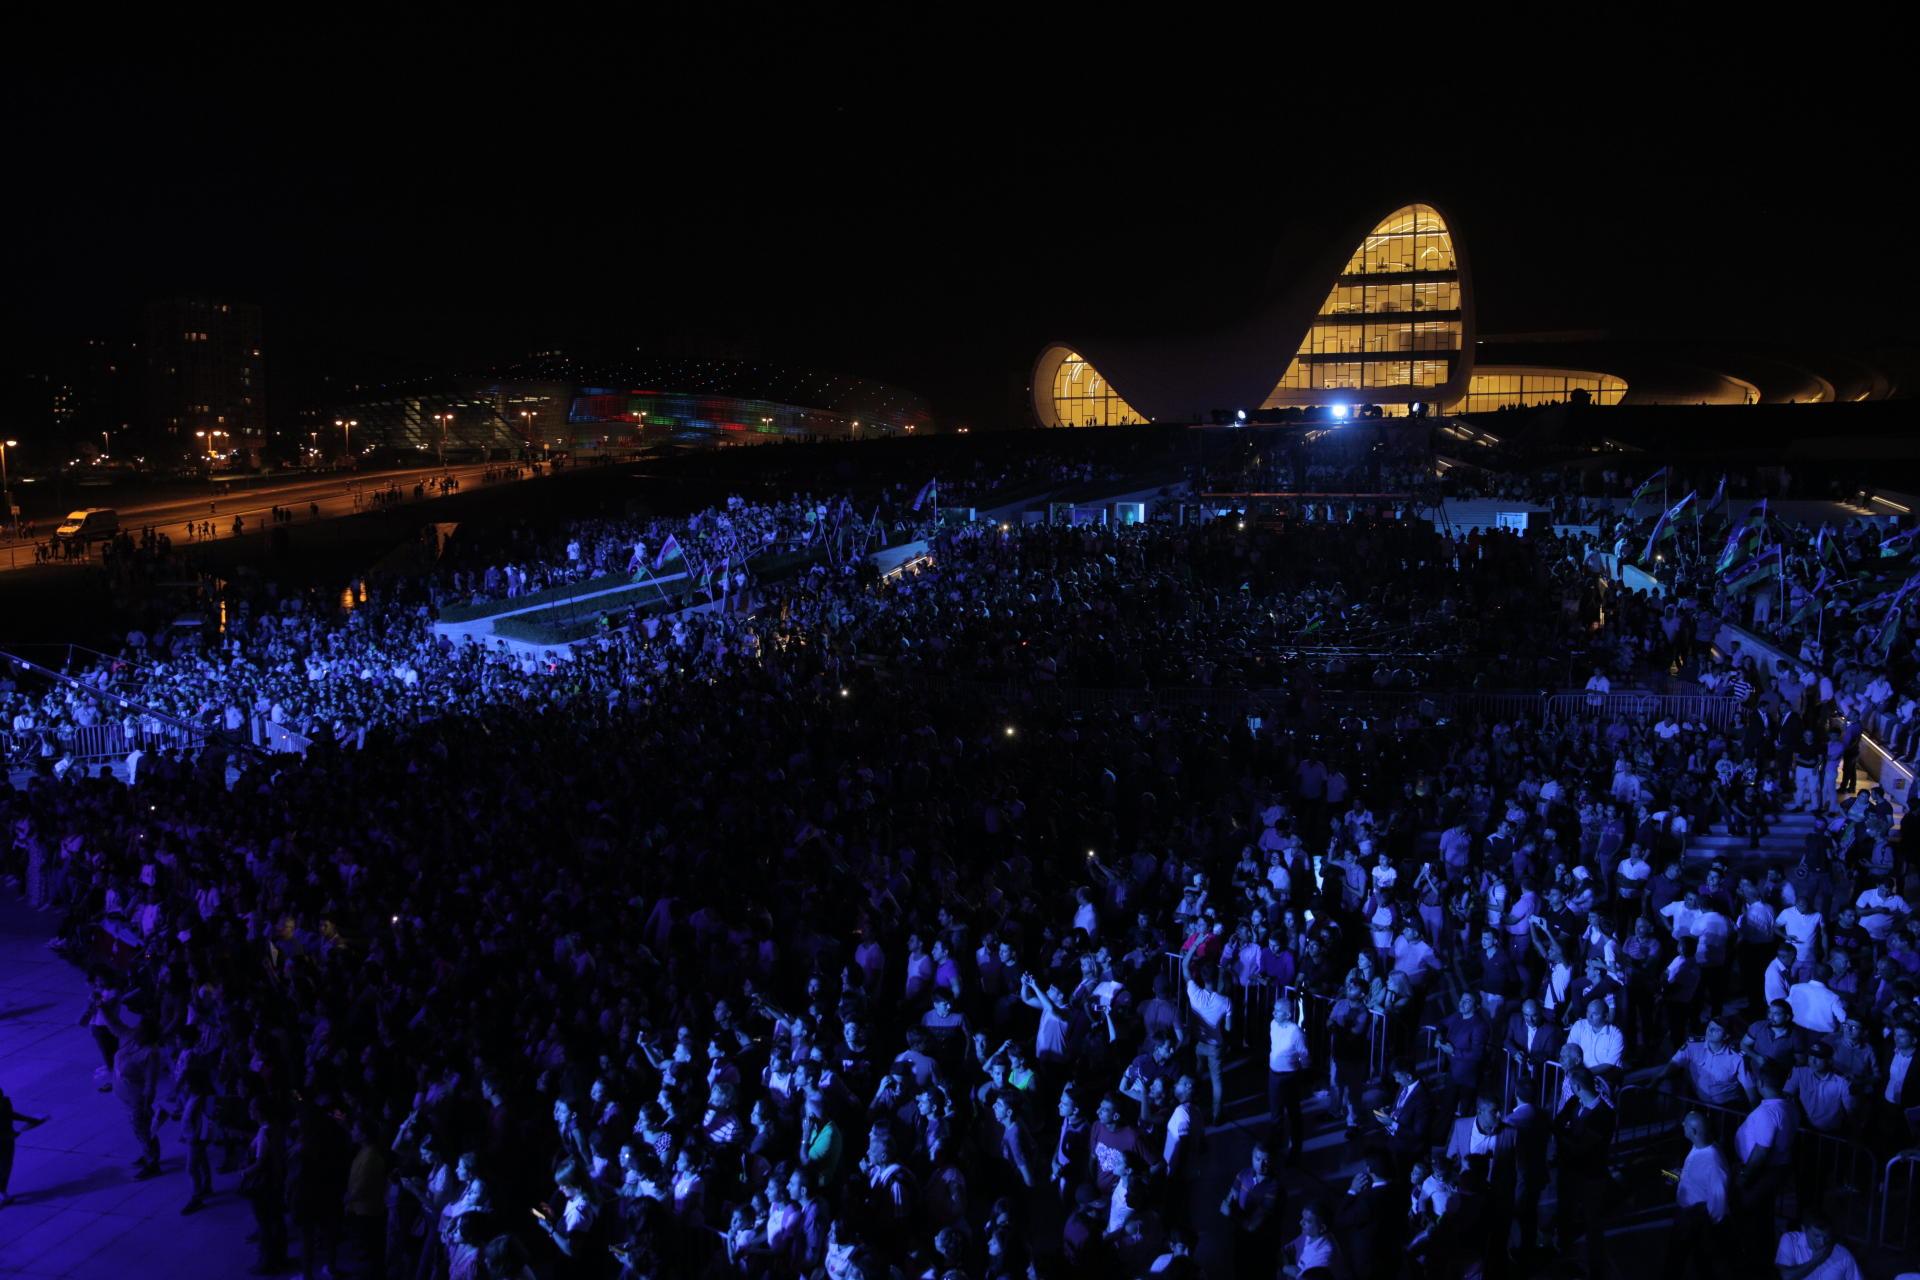 Heydər Əliyev Mərkəzinin parkında Bakının azad edilməsinin 100 illiyinə həsr olunmuş konsert maraqla qarşılanıb (FOTO) - Gallery Image